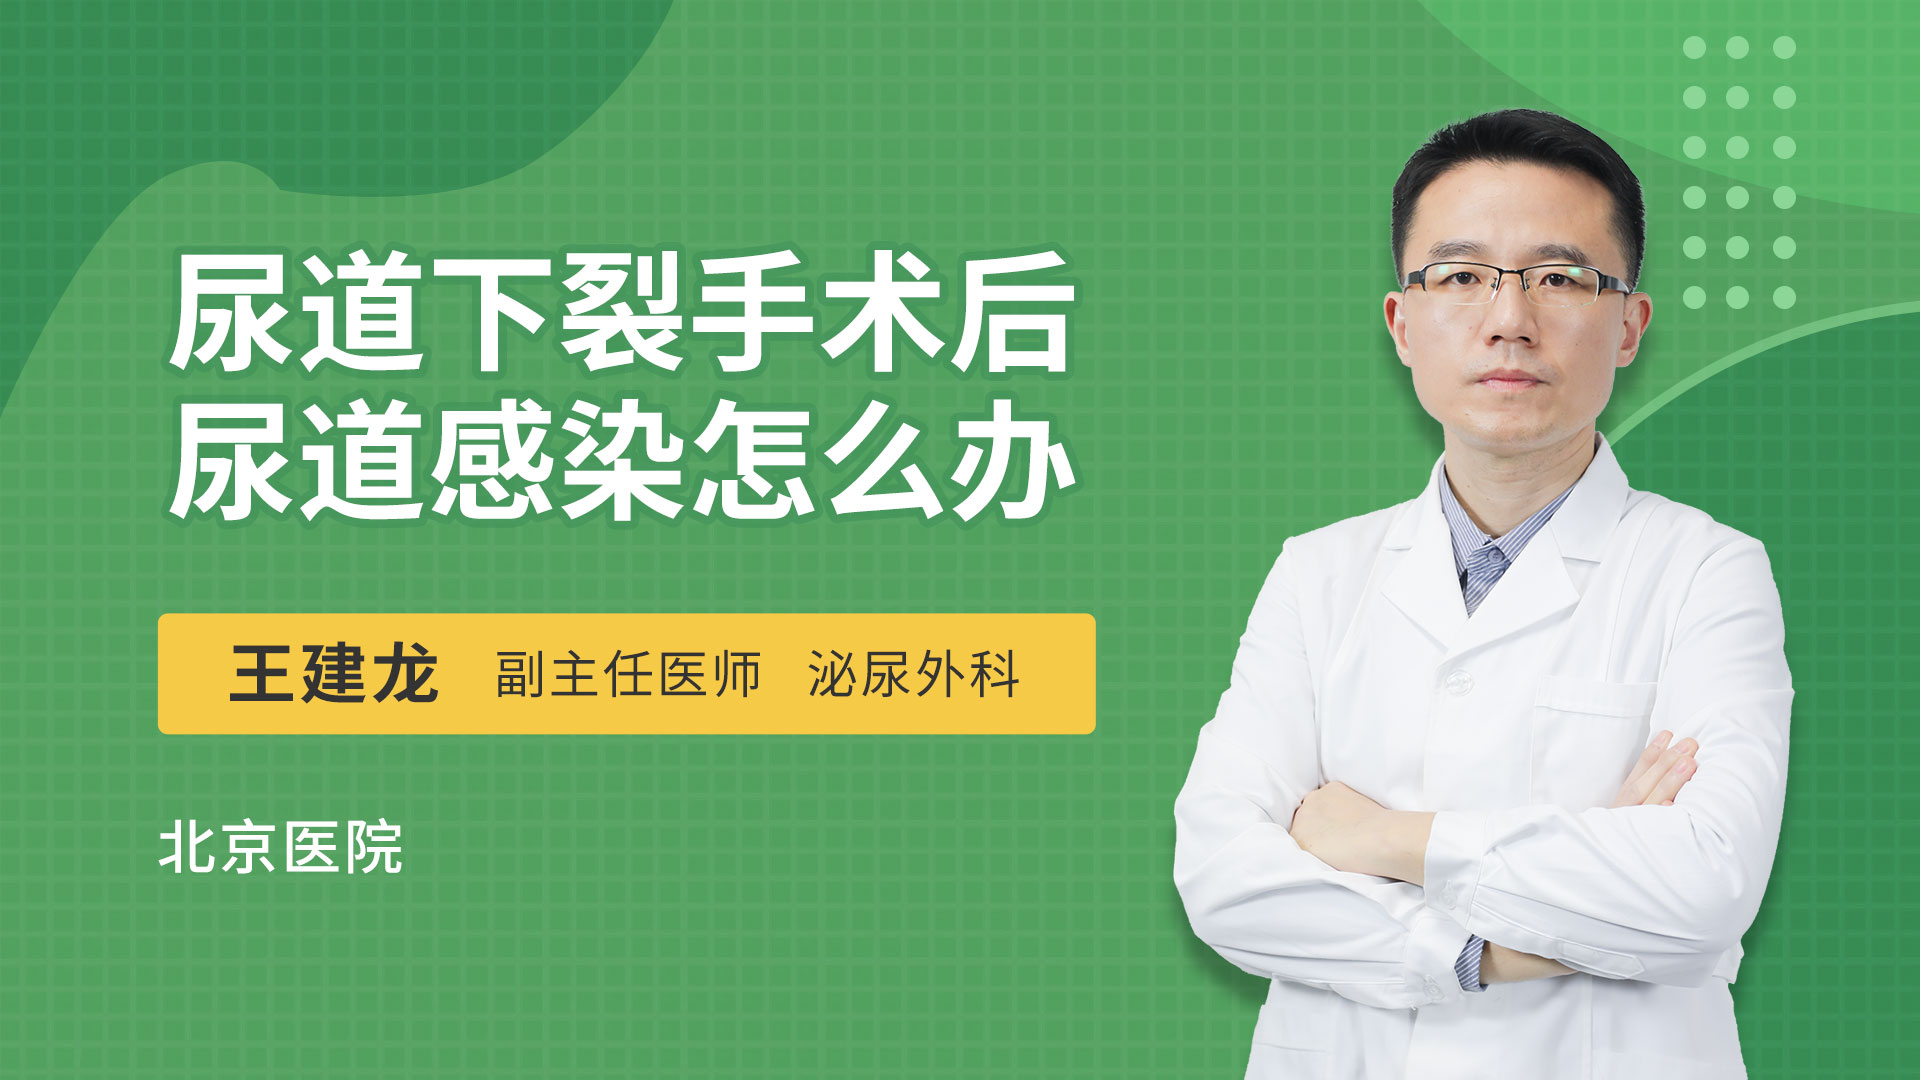 尿道下裂手术后尿道感染怎么办